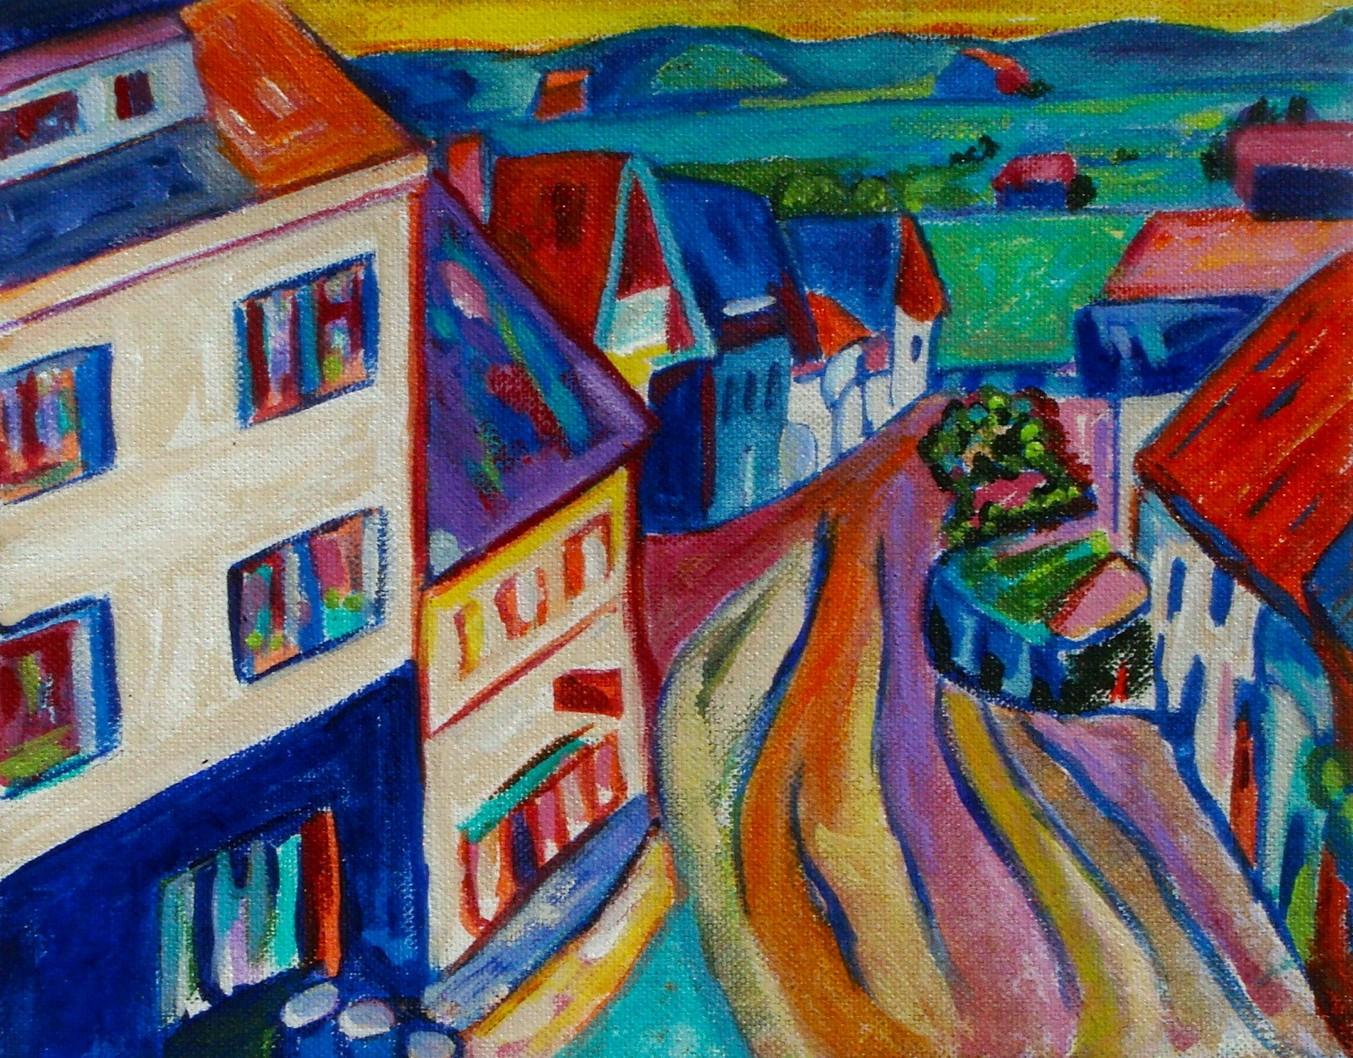 Bavaria, acrylic on canvas, 10 x 8, 2014